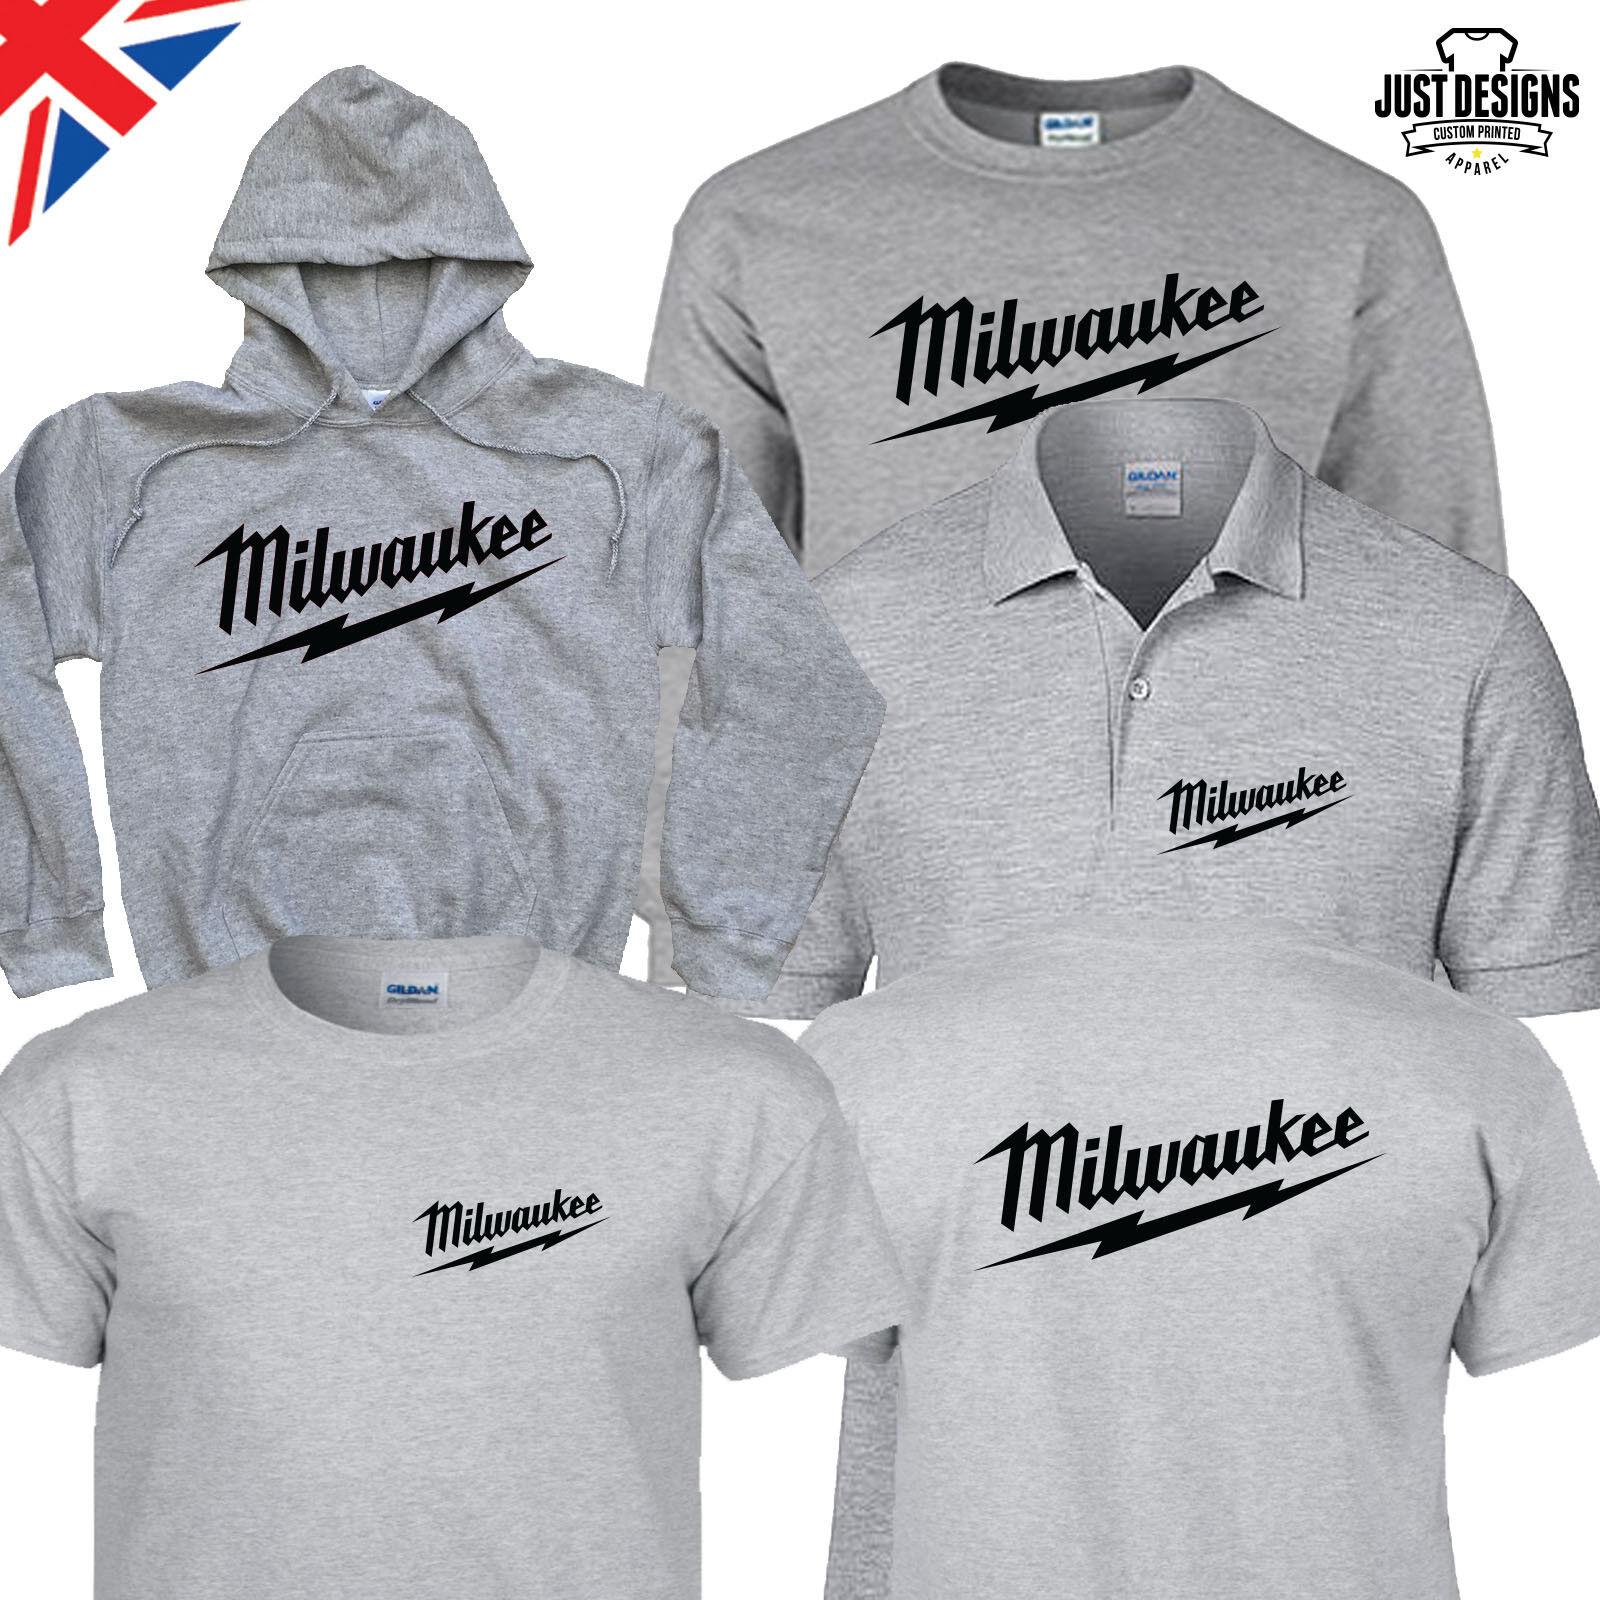 Milwaukee Grey T-shirt Hoodie Polo Shirt Jumper S-5XL Power